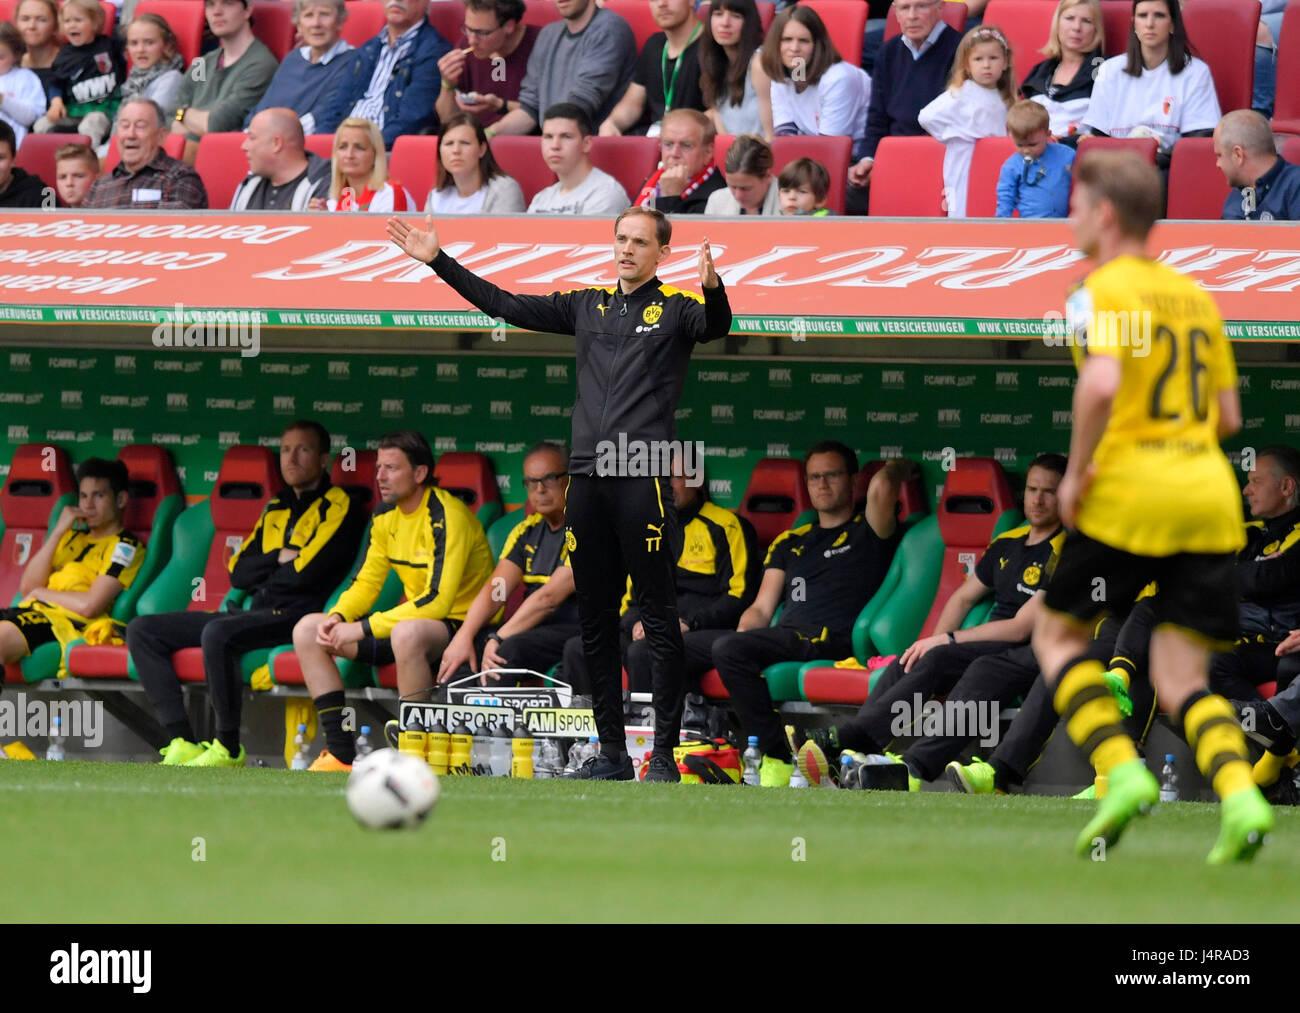 13.05.2017, Fussball 1.Bundesliga 2016/2017, 33.Spieltag, FC Augsburg - Borussia Dortmund, in der WWK-Arena Augsburg. Stock Photo